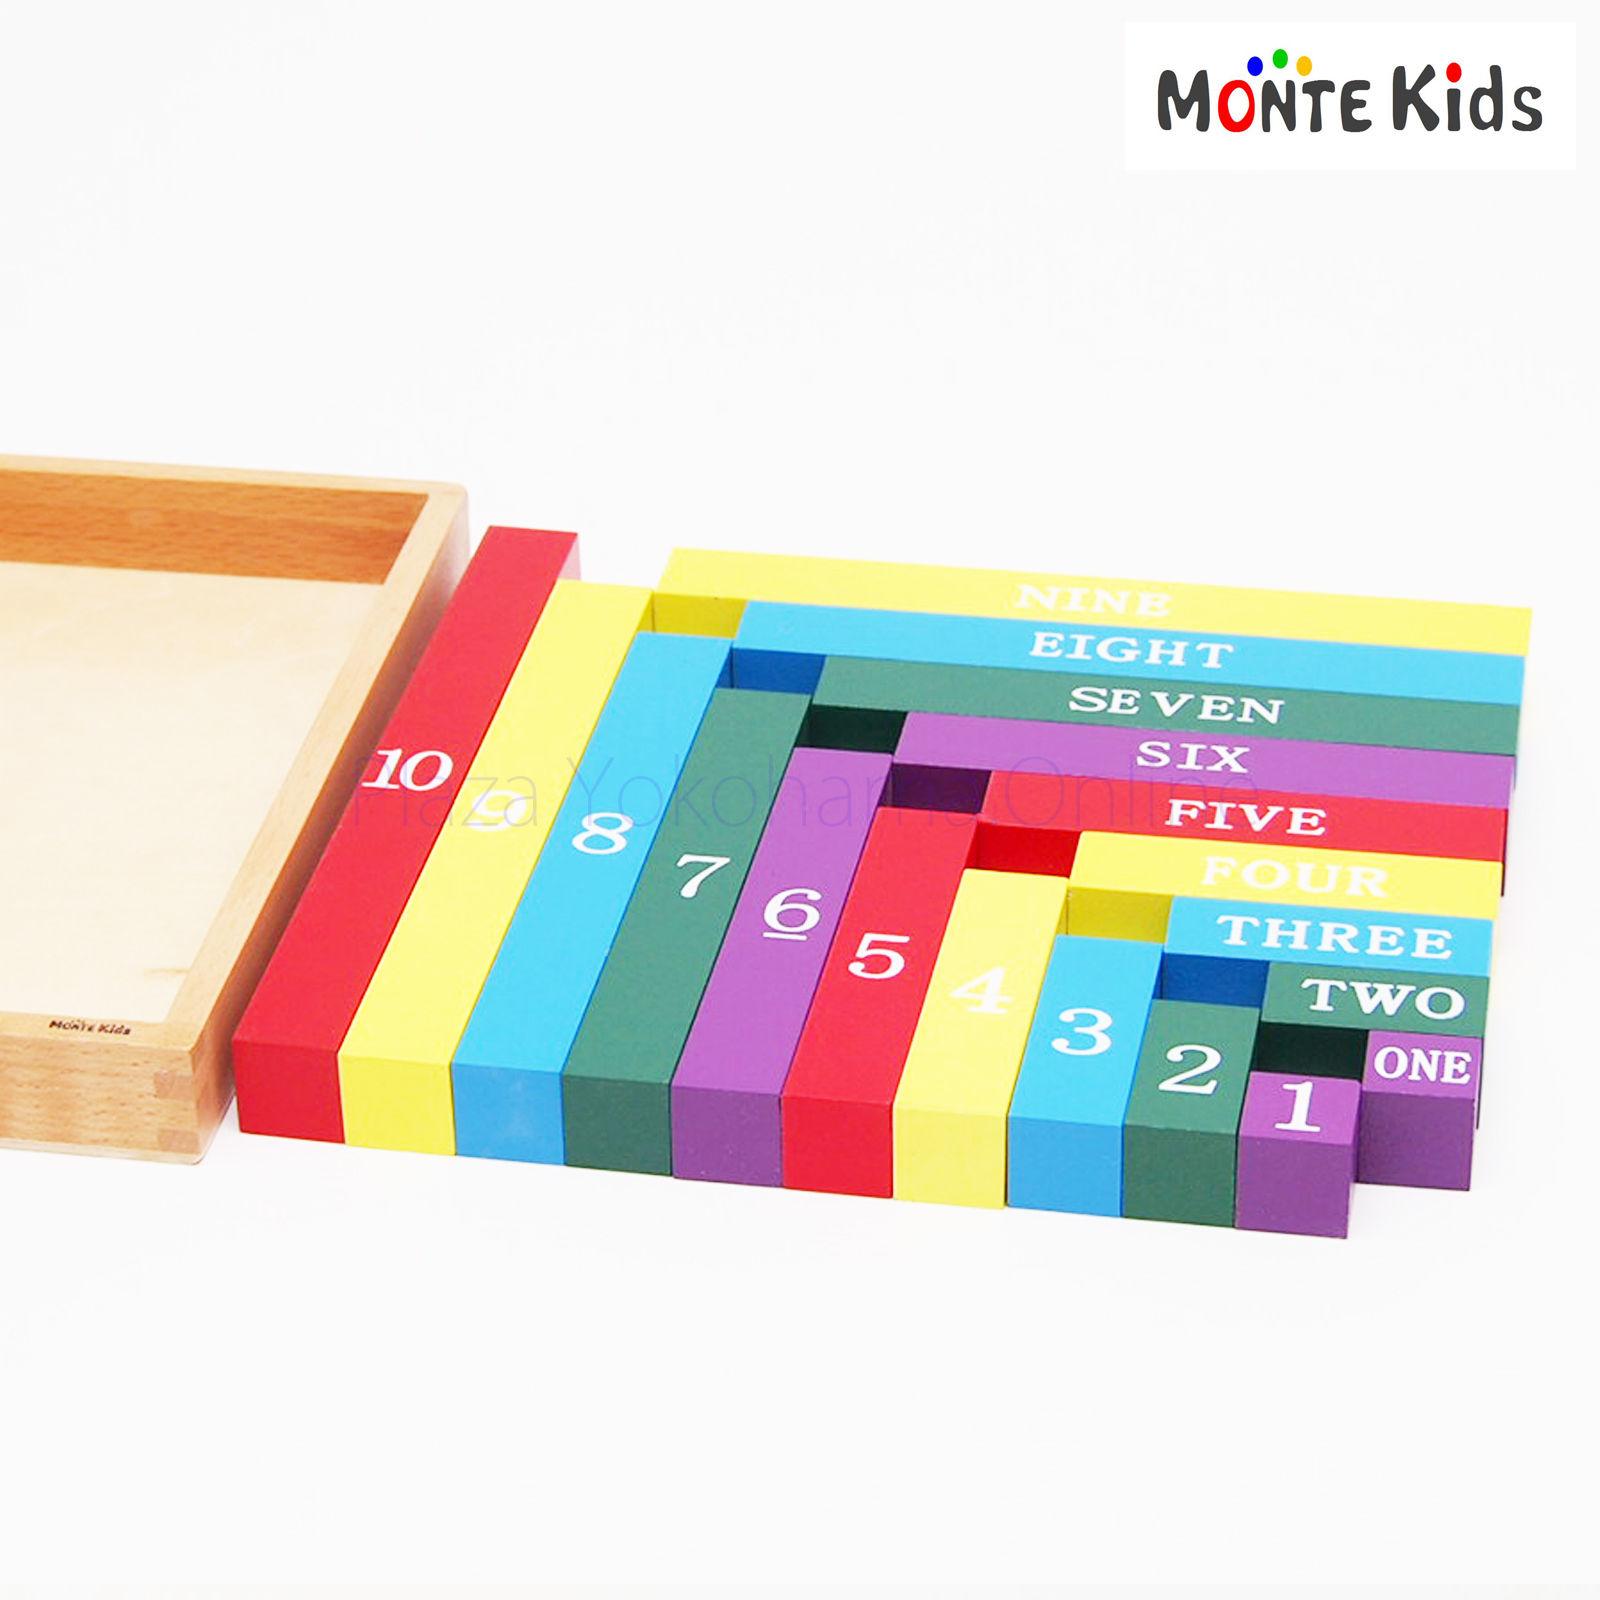 【MONTE Kids】MK-019  数字スティック  ≪OUTLET≫